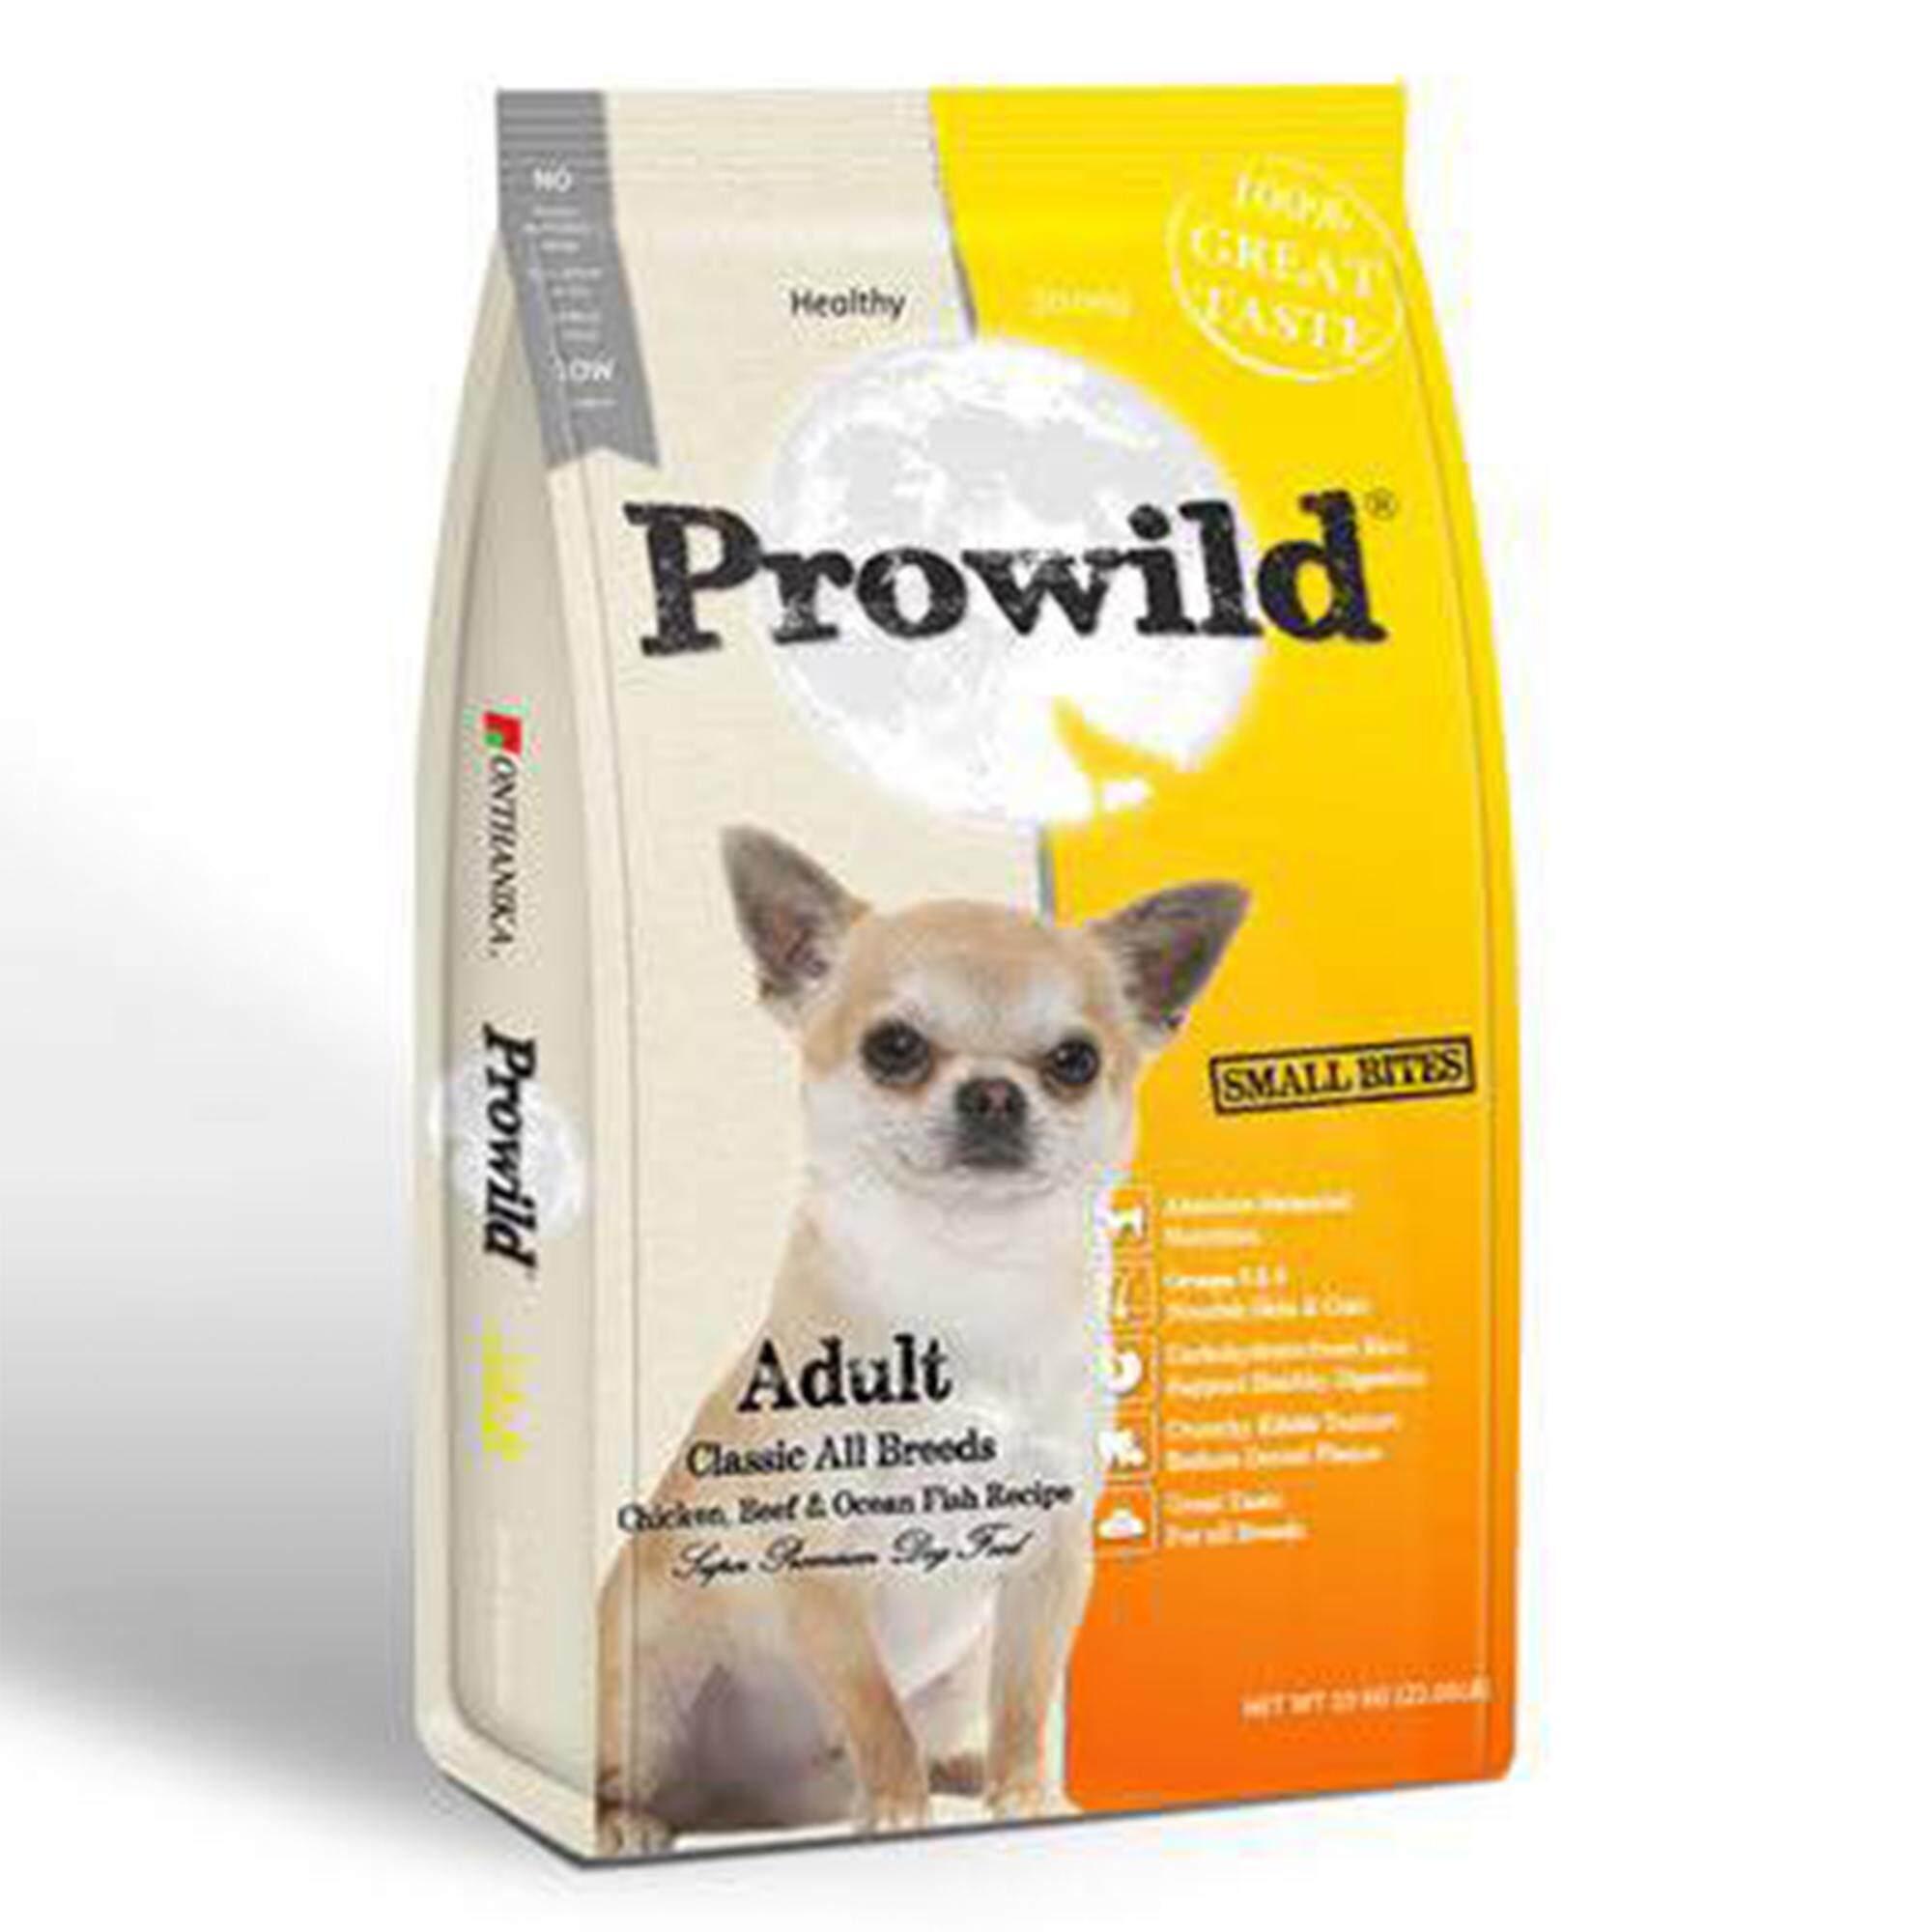 โปรไวลด์ คลาสสิค สุนัขโต ทุกสายพันธุ์ เม็ดเล็ก 10 กก.